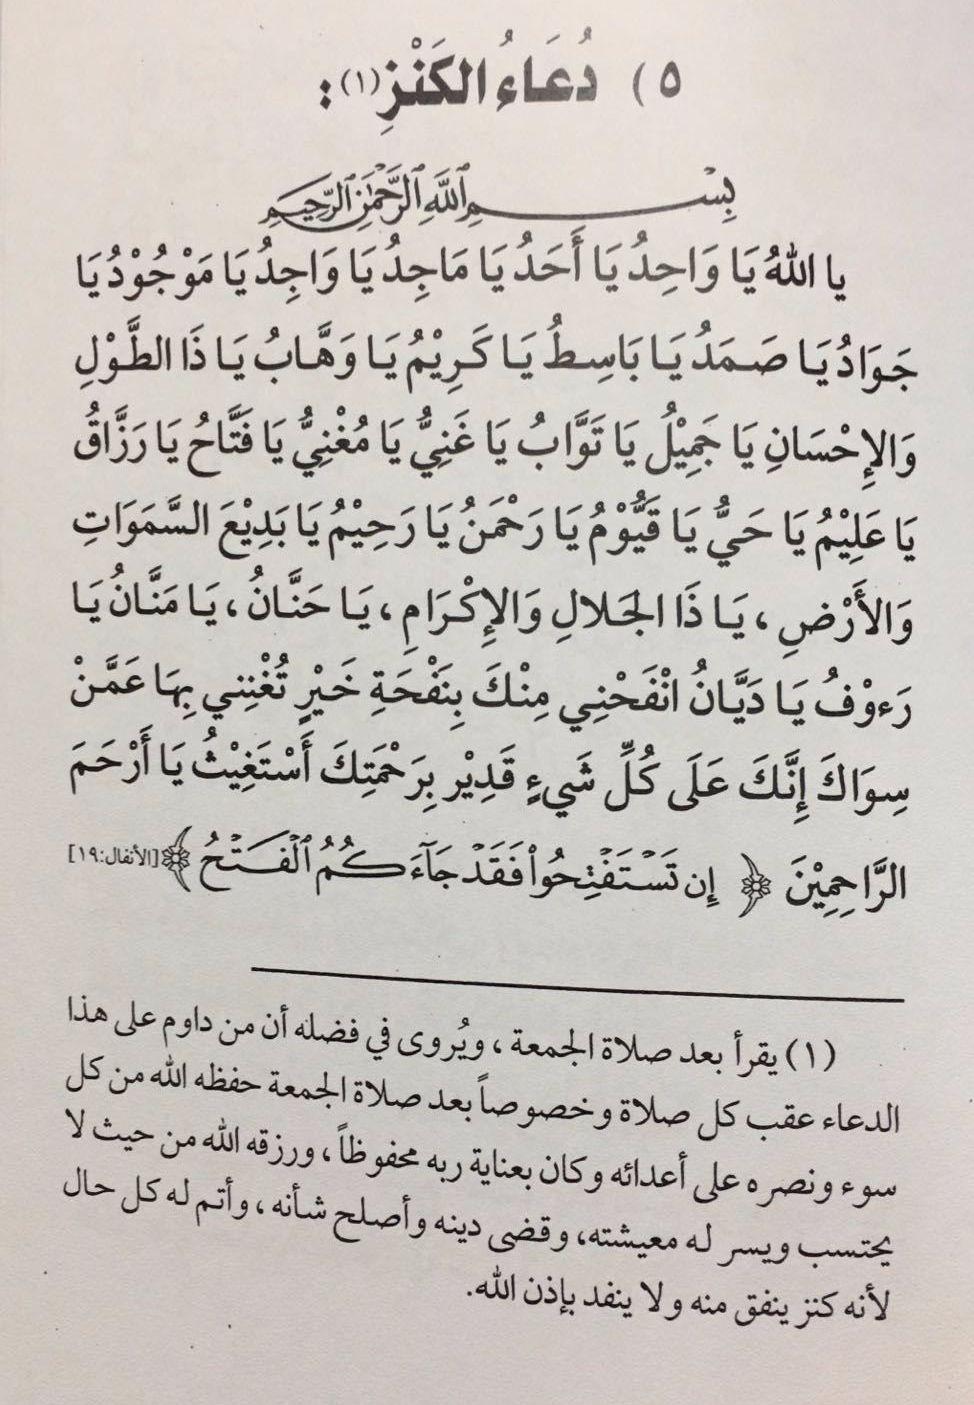 دعاء الكنز Islamic Love Quotes Islamic Inspirational Quotes Quran Quotes